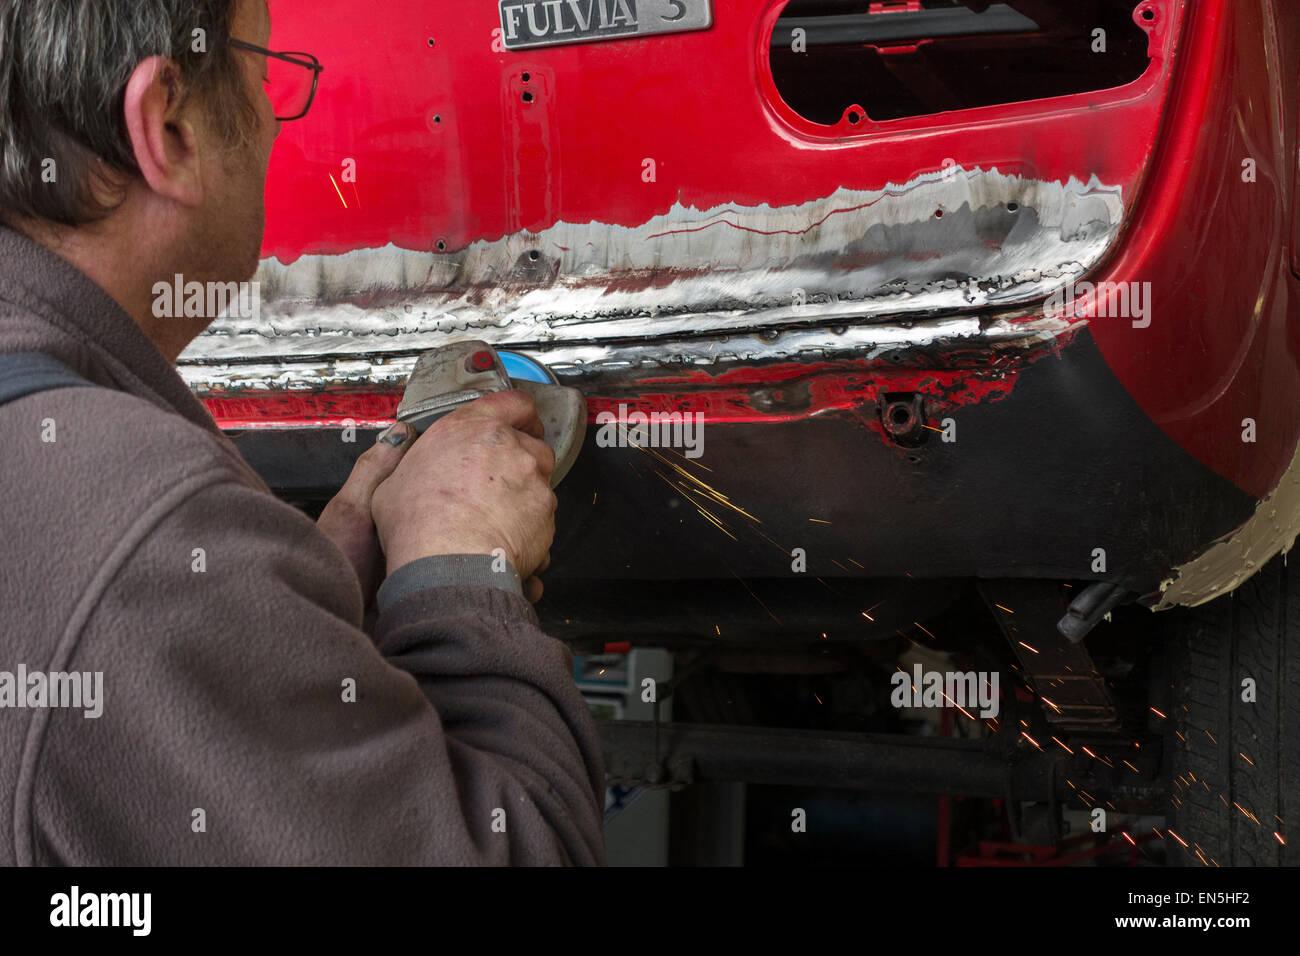 Car enthusiast grinding red oldtimer's coachwork / bodywork with angle grinder / side grinder / disc grinder - Stock Image